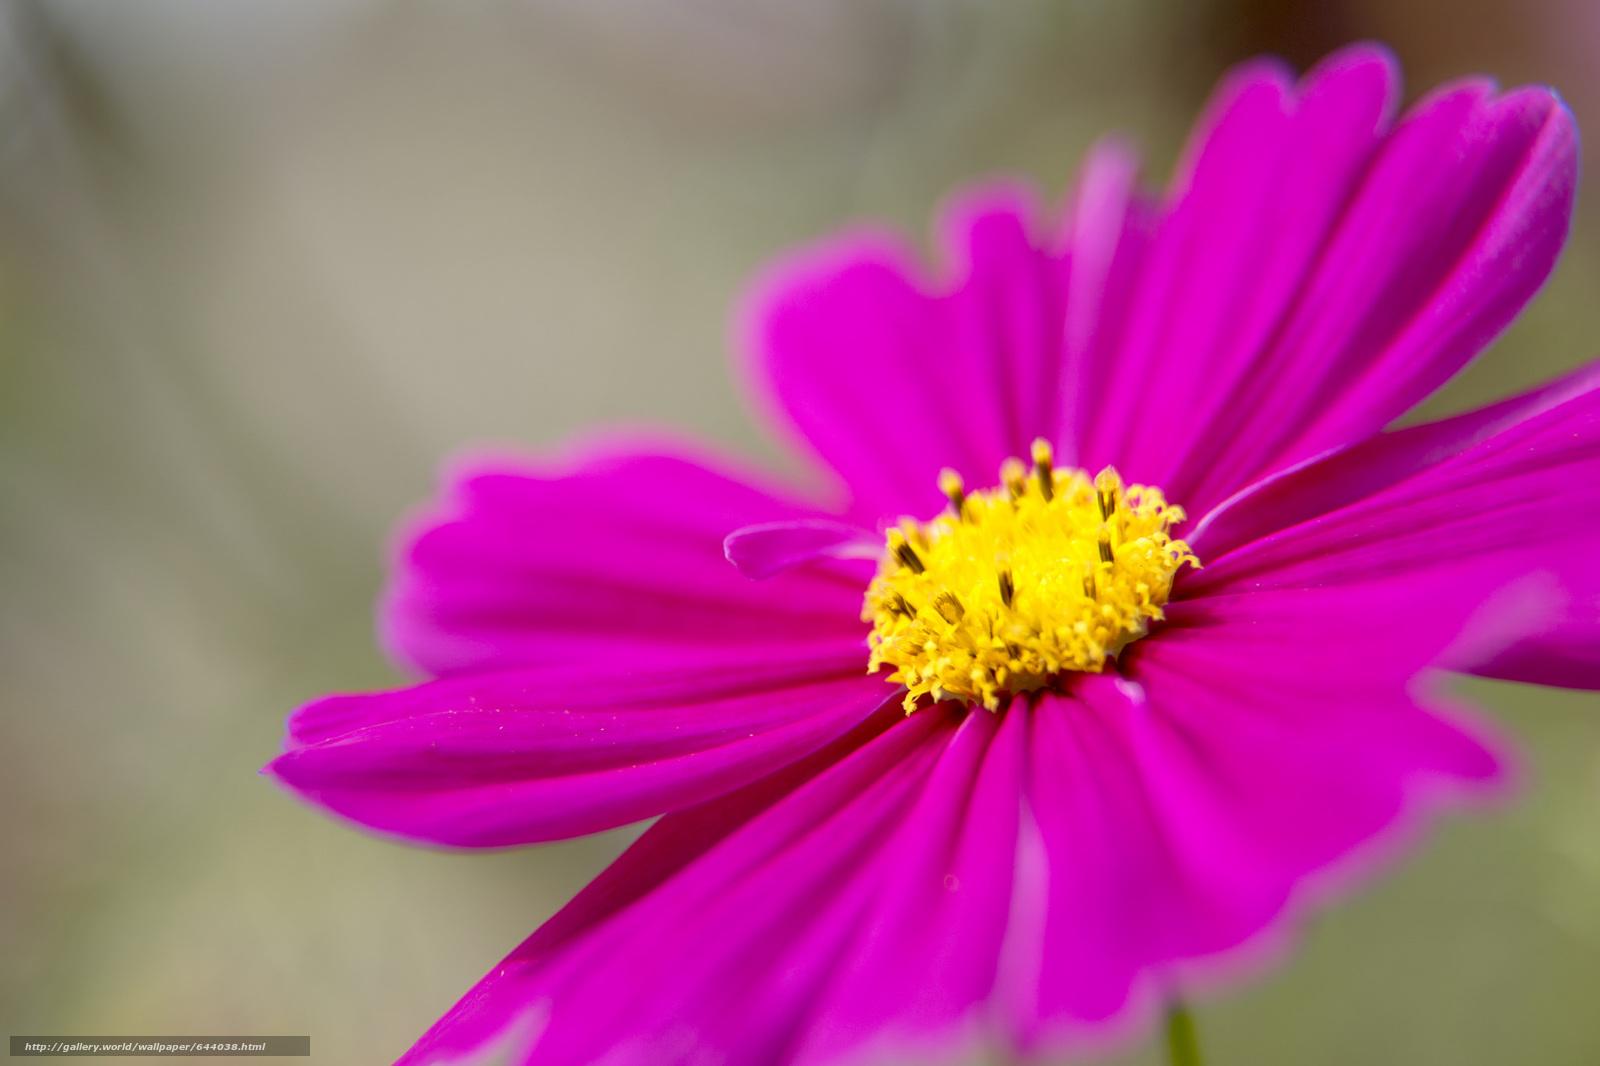 Скачать обои цветы,  цветок,  космея,  космеи бесплатно для рабочего стола в разрешении 2048x1365 — картинка №644038